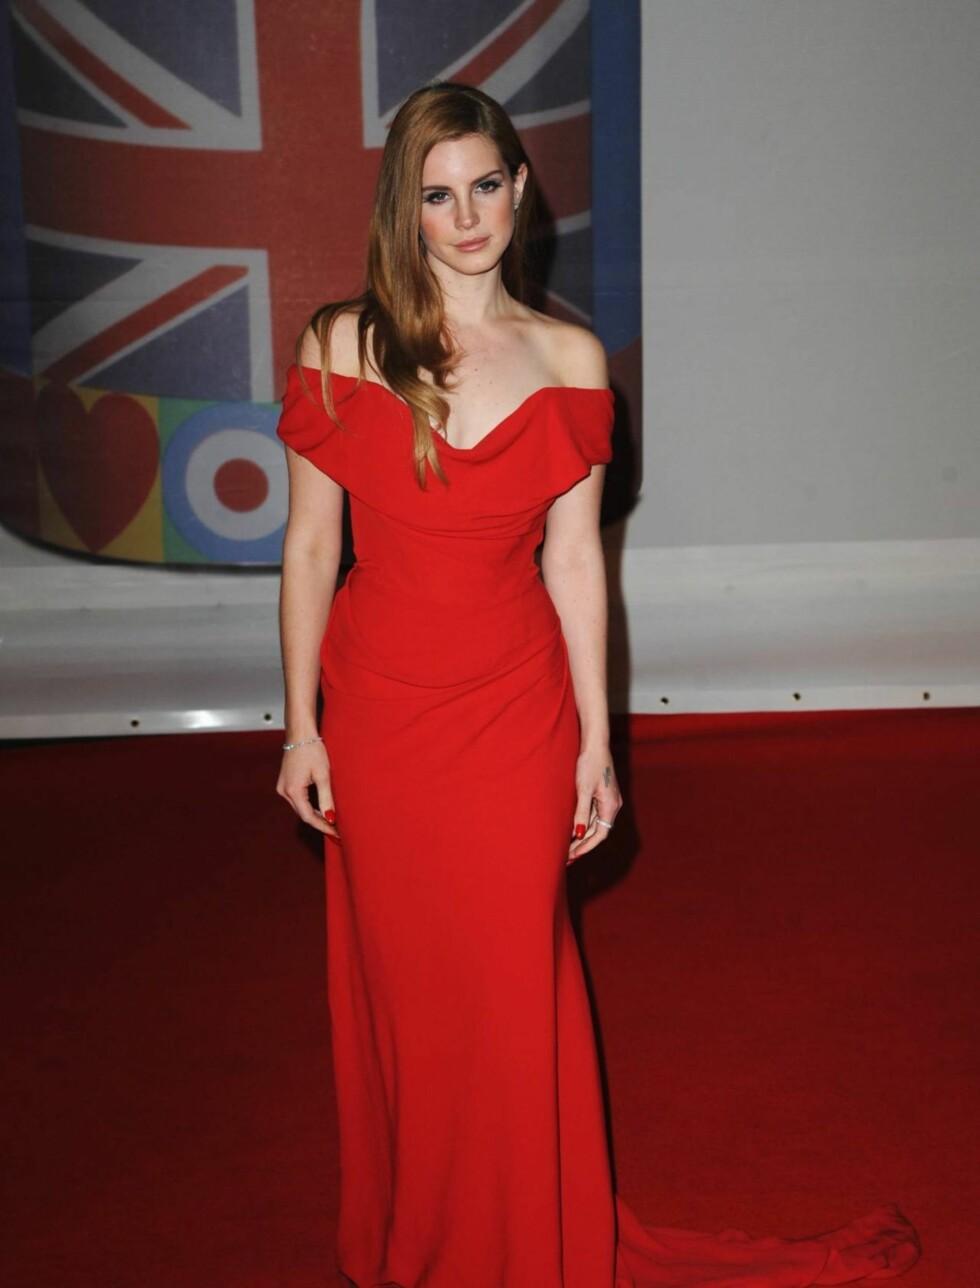 <strong>SÅ RØDT:</strong> Lana Del Rey så flott ut i en rød kjole.  Foto: All Over Press